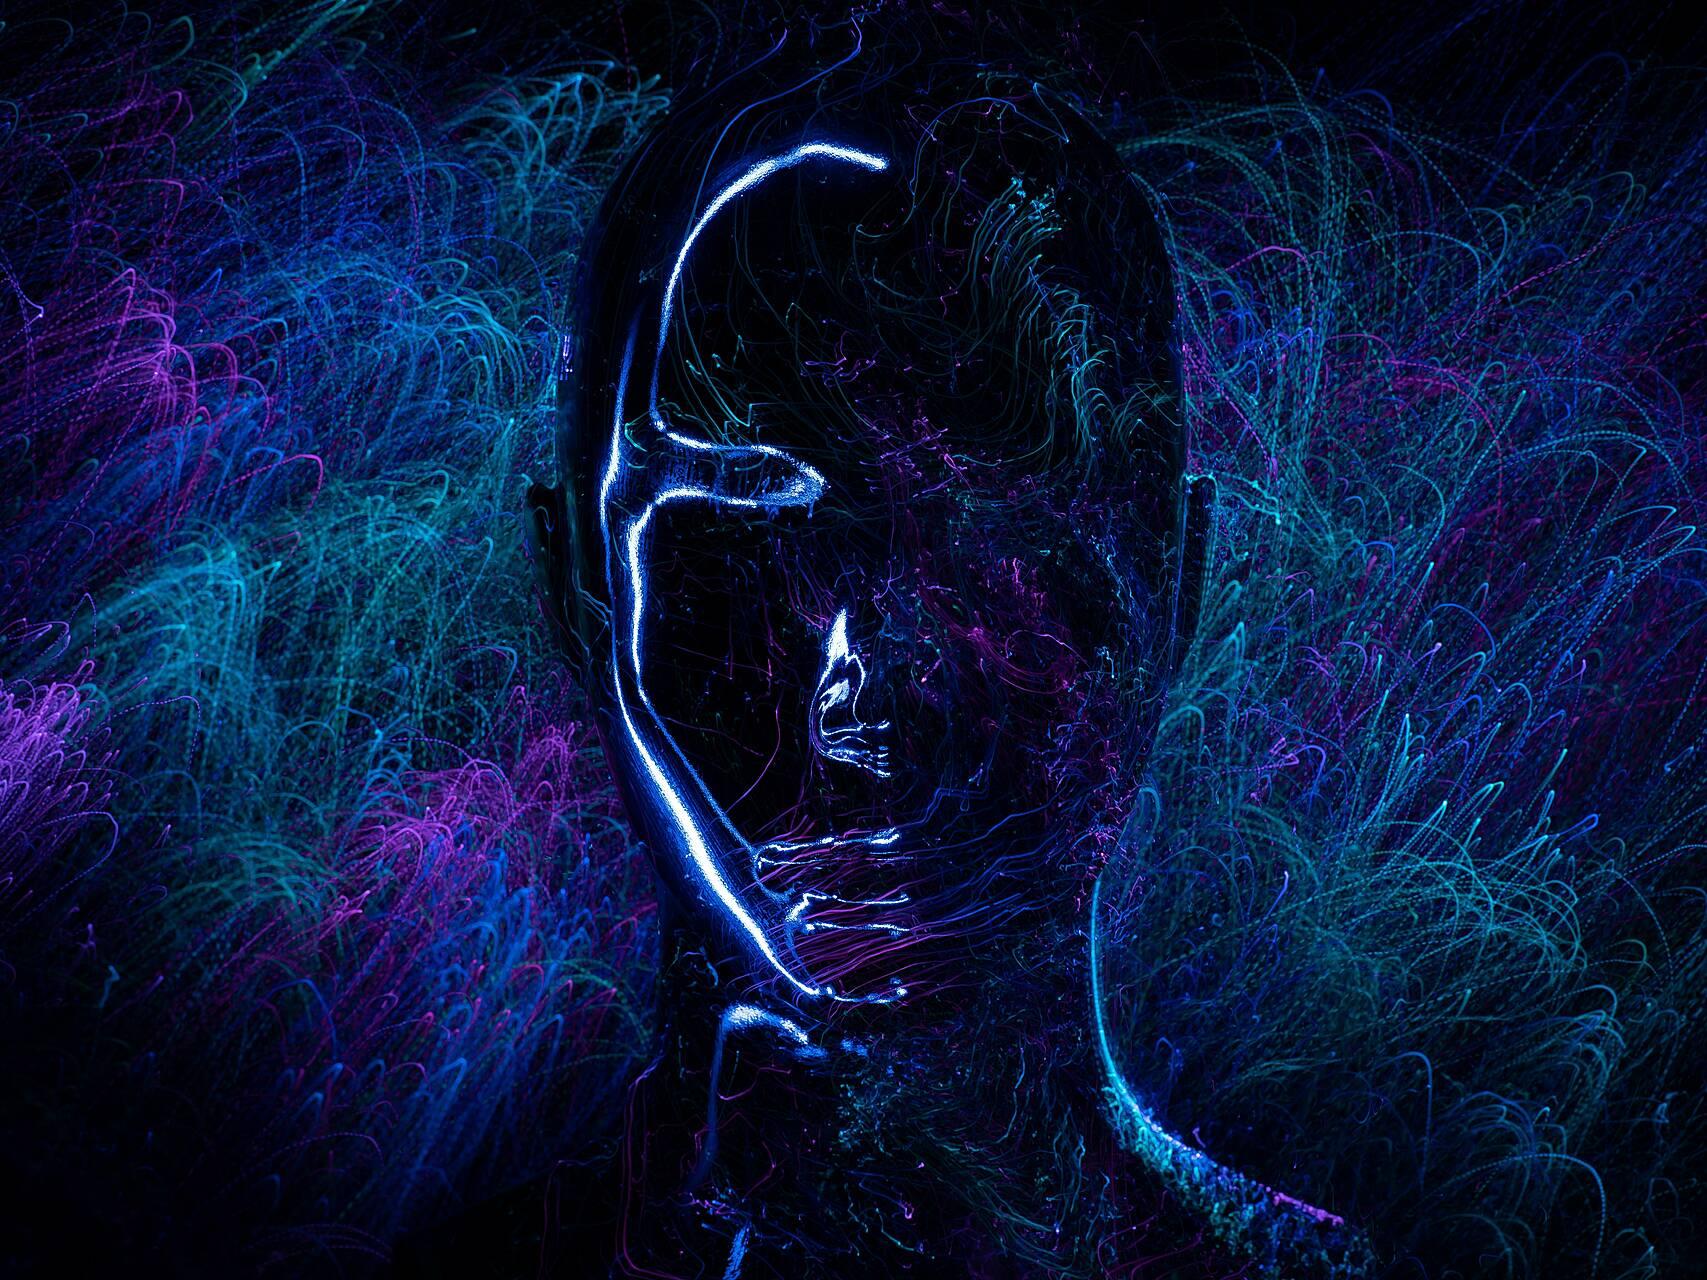 pexels-sergey-_merlin_-katyshkin-7976150.jpg